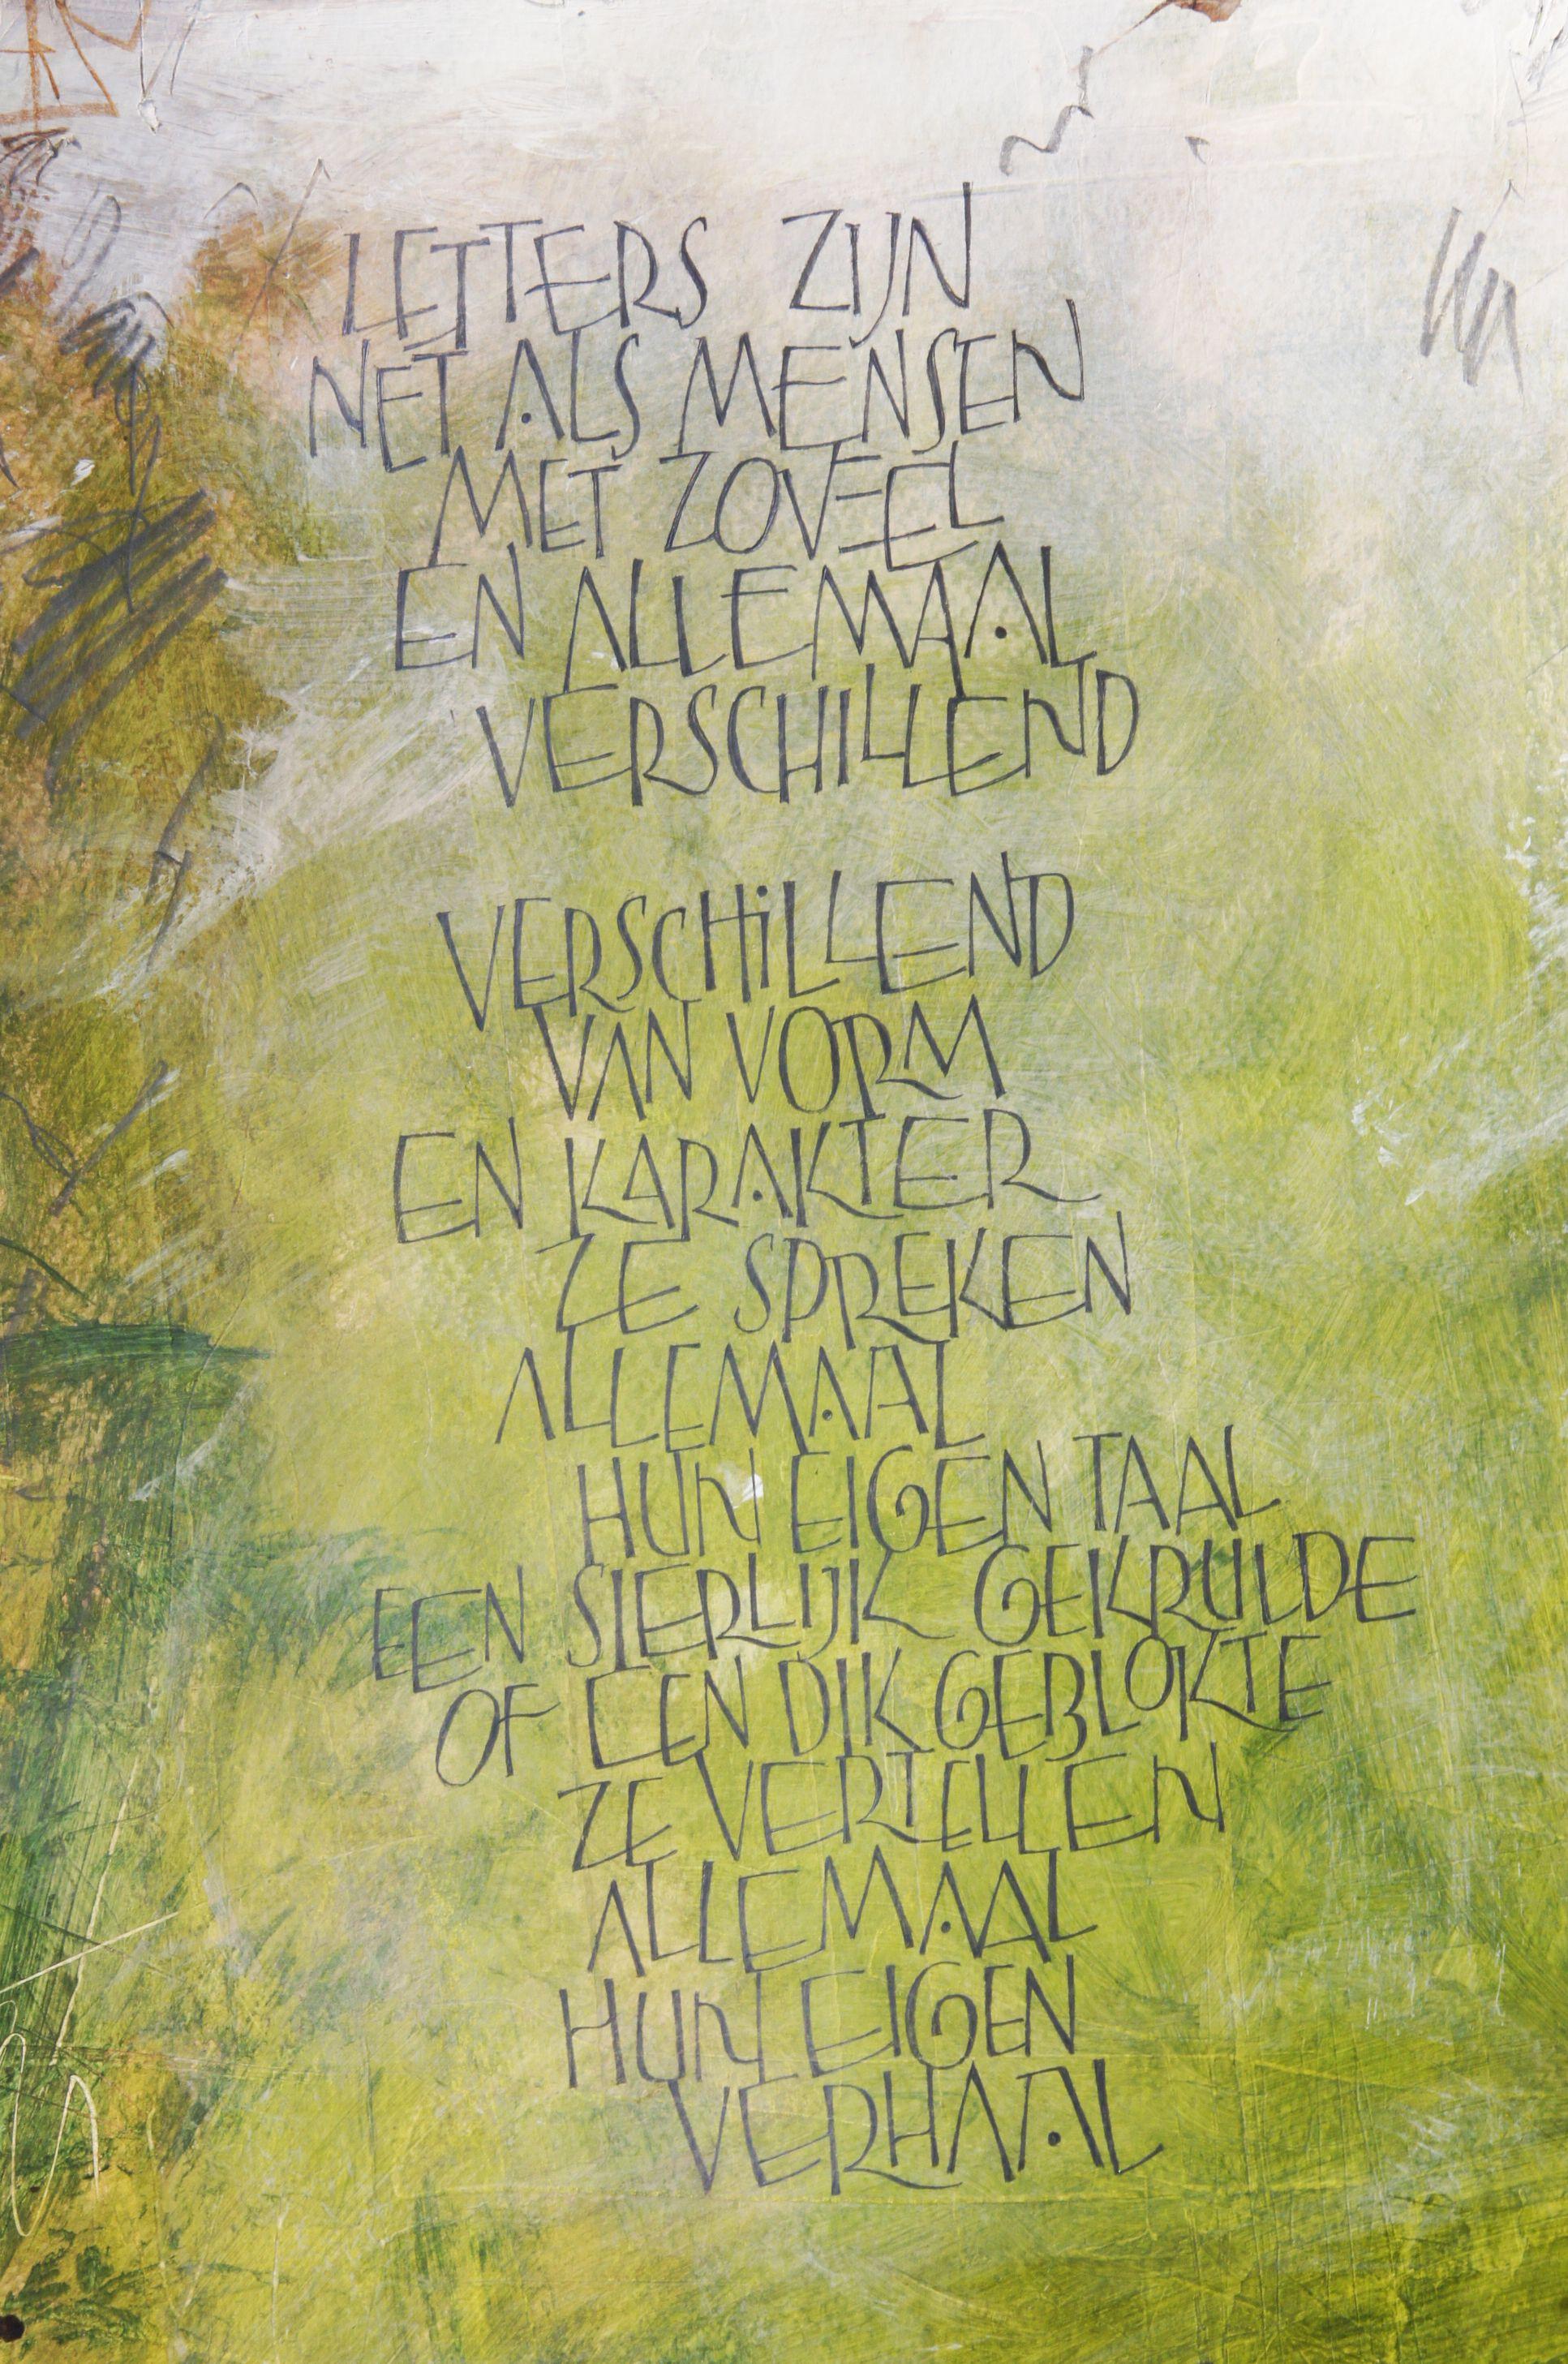 Letters zijn als mensen tekst en ontwerp andr ooms 2016 Pinterest calligraphy